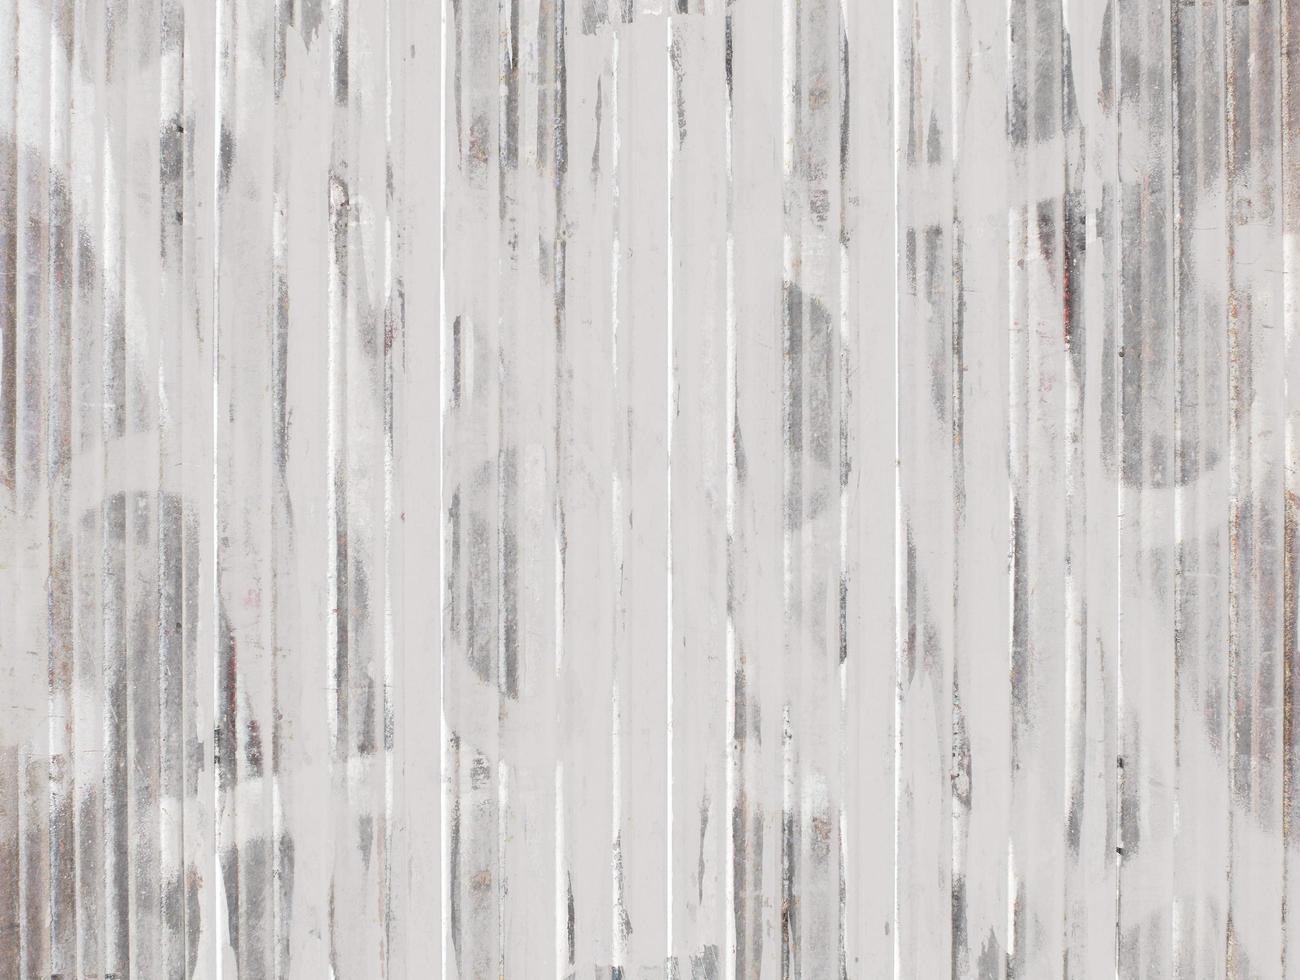 textura abstrata de óxido de aço foto